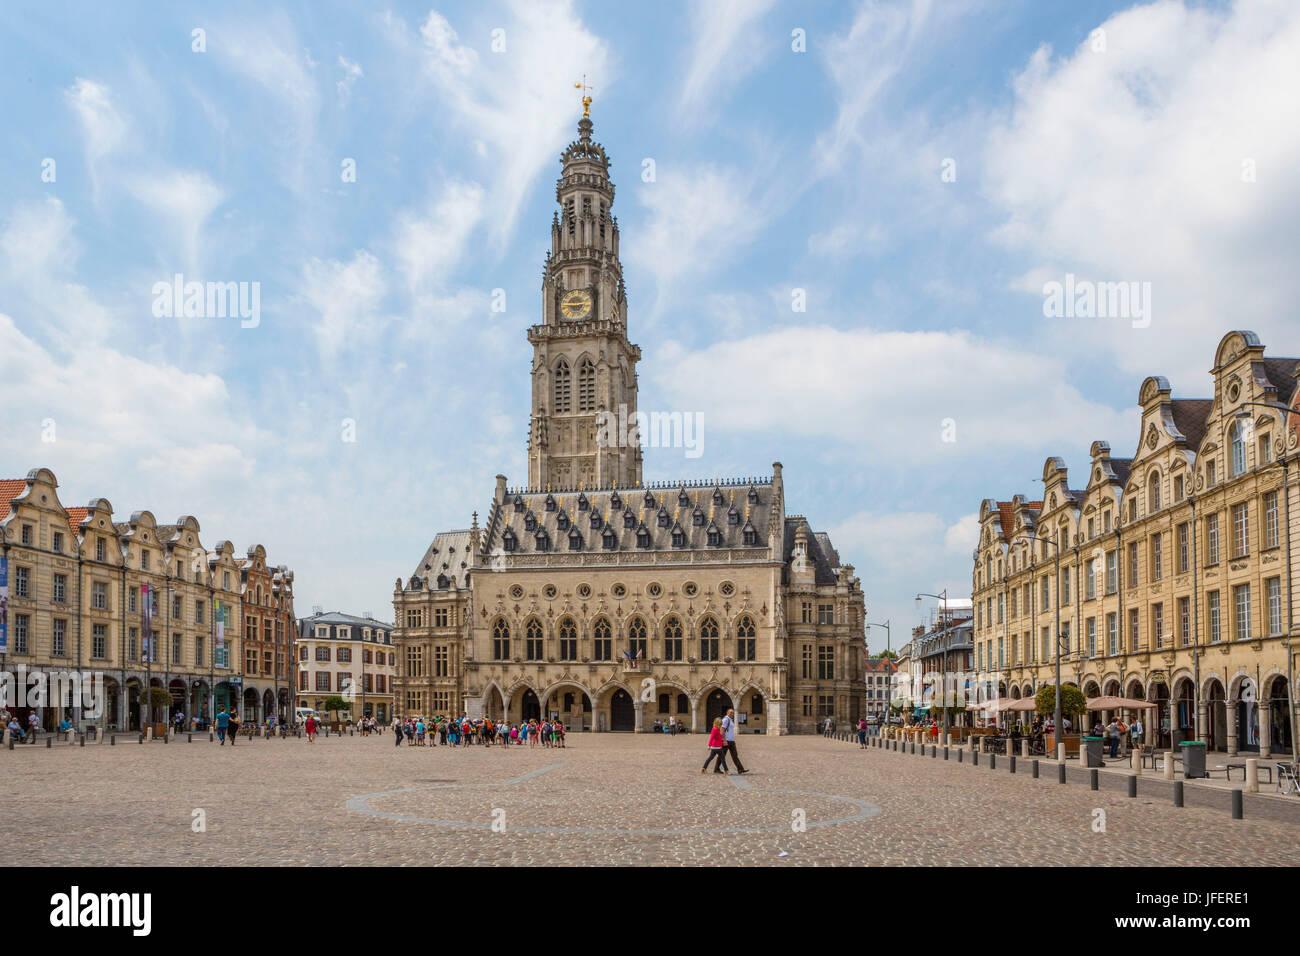 France, Arras City, Arras City Hall Square - Stock Image